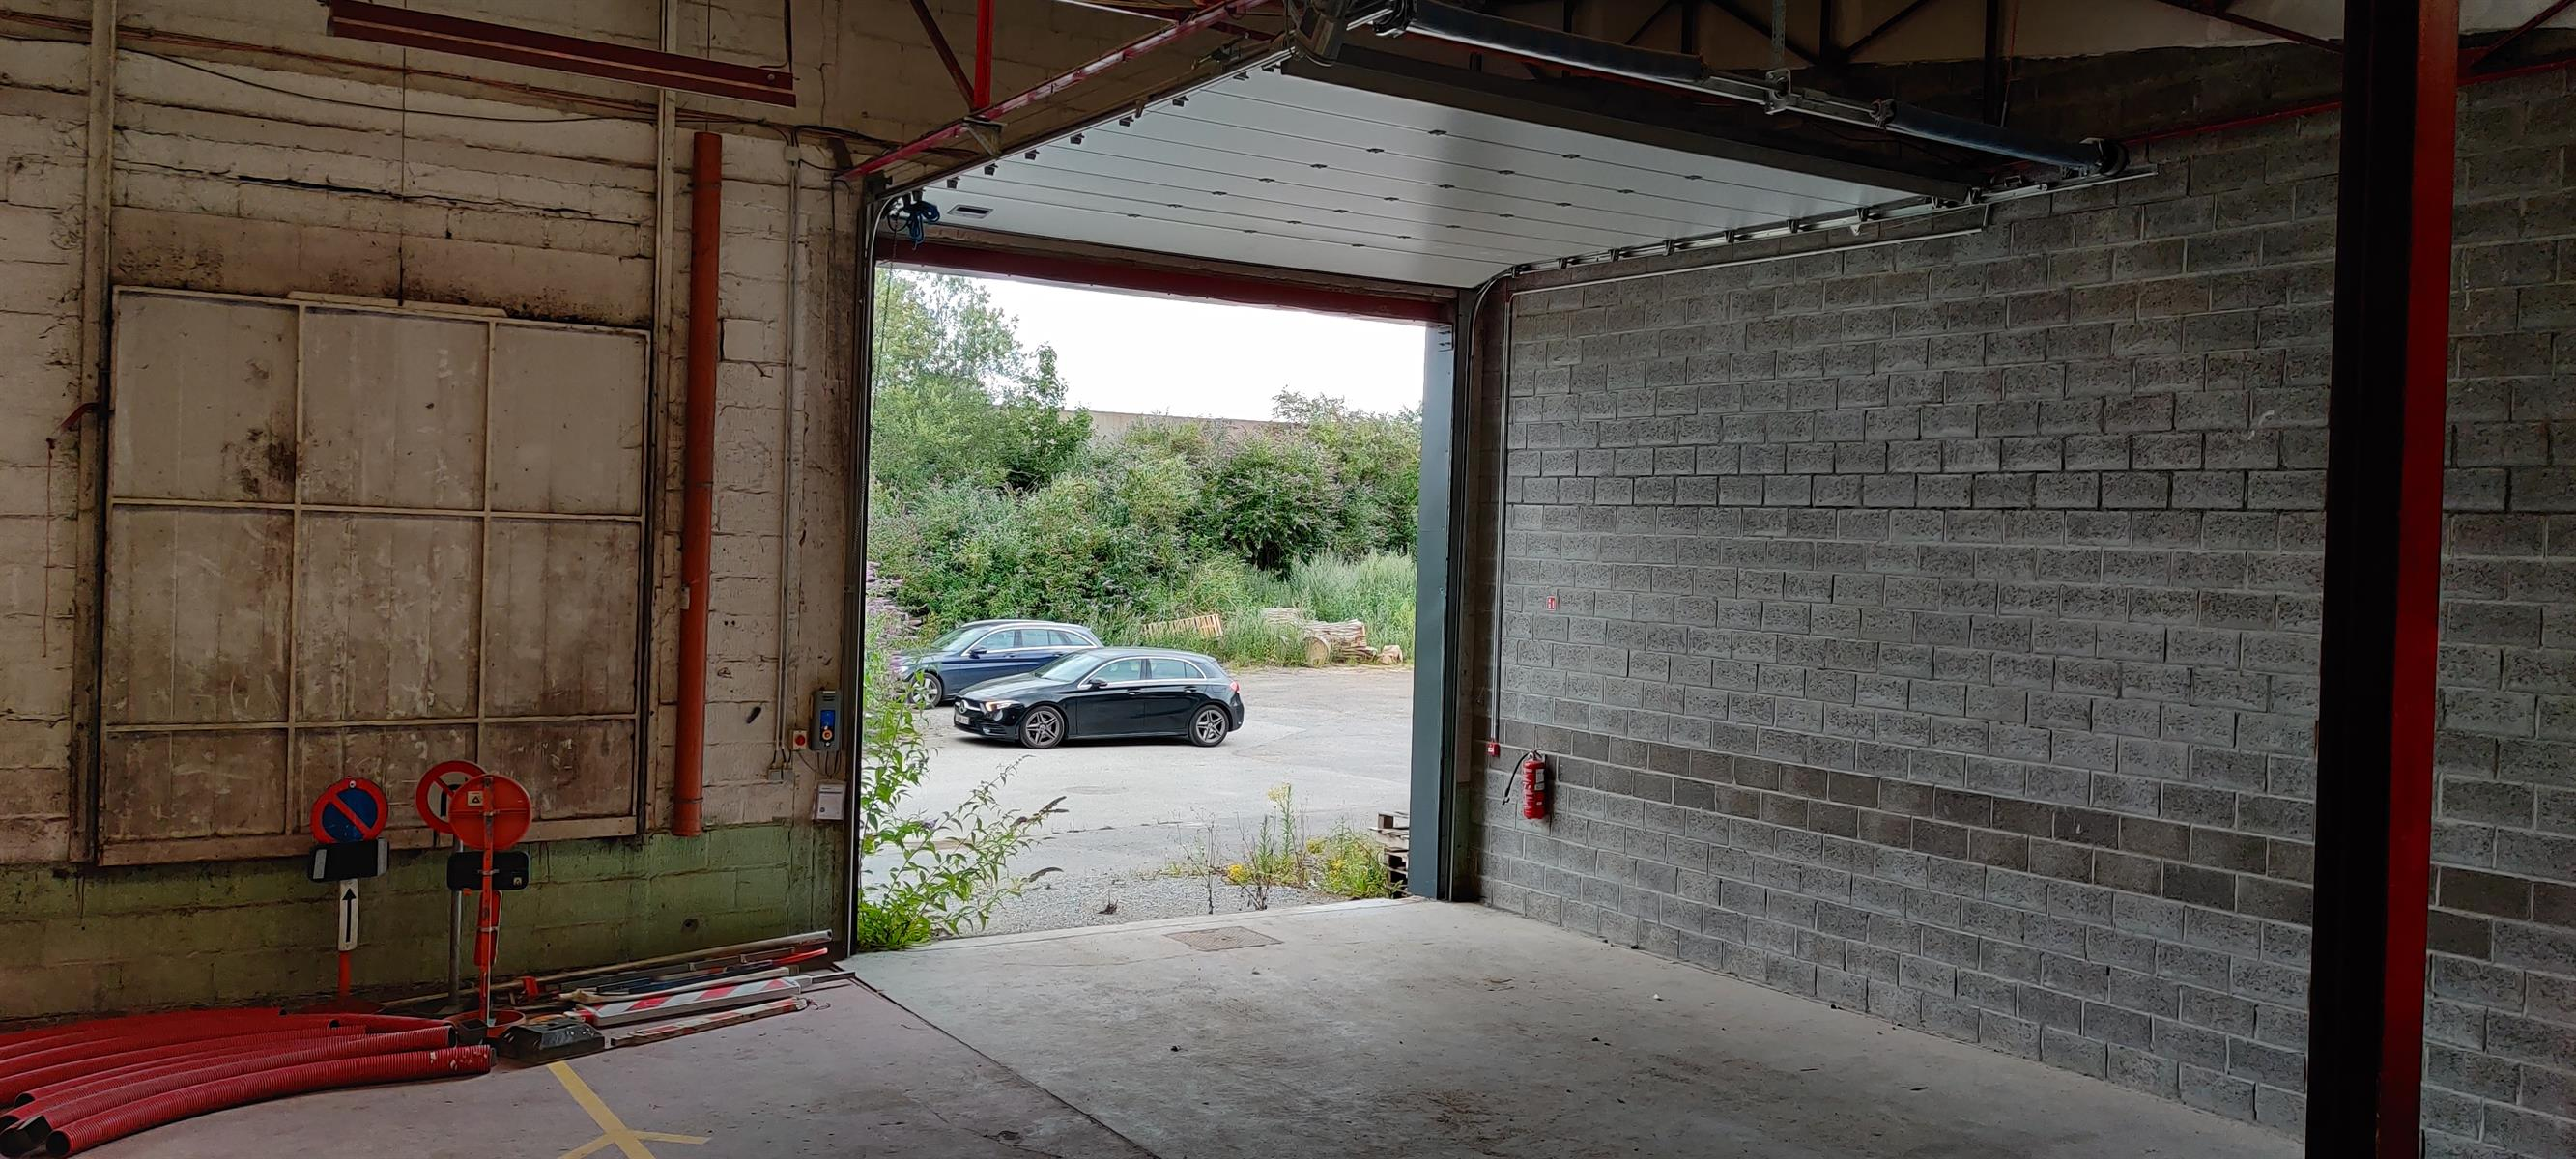 gebouw voor gemengd gebruik te huur I158 - Lumbeekstraat 38, 1700 Dilbeek Sint-Ulriks-Kapelle, België 17